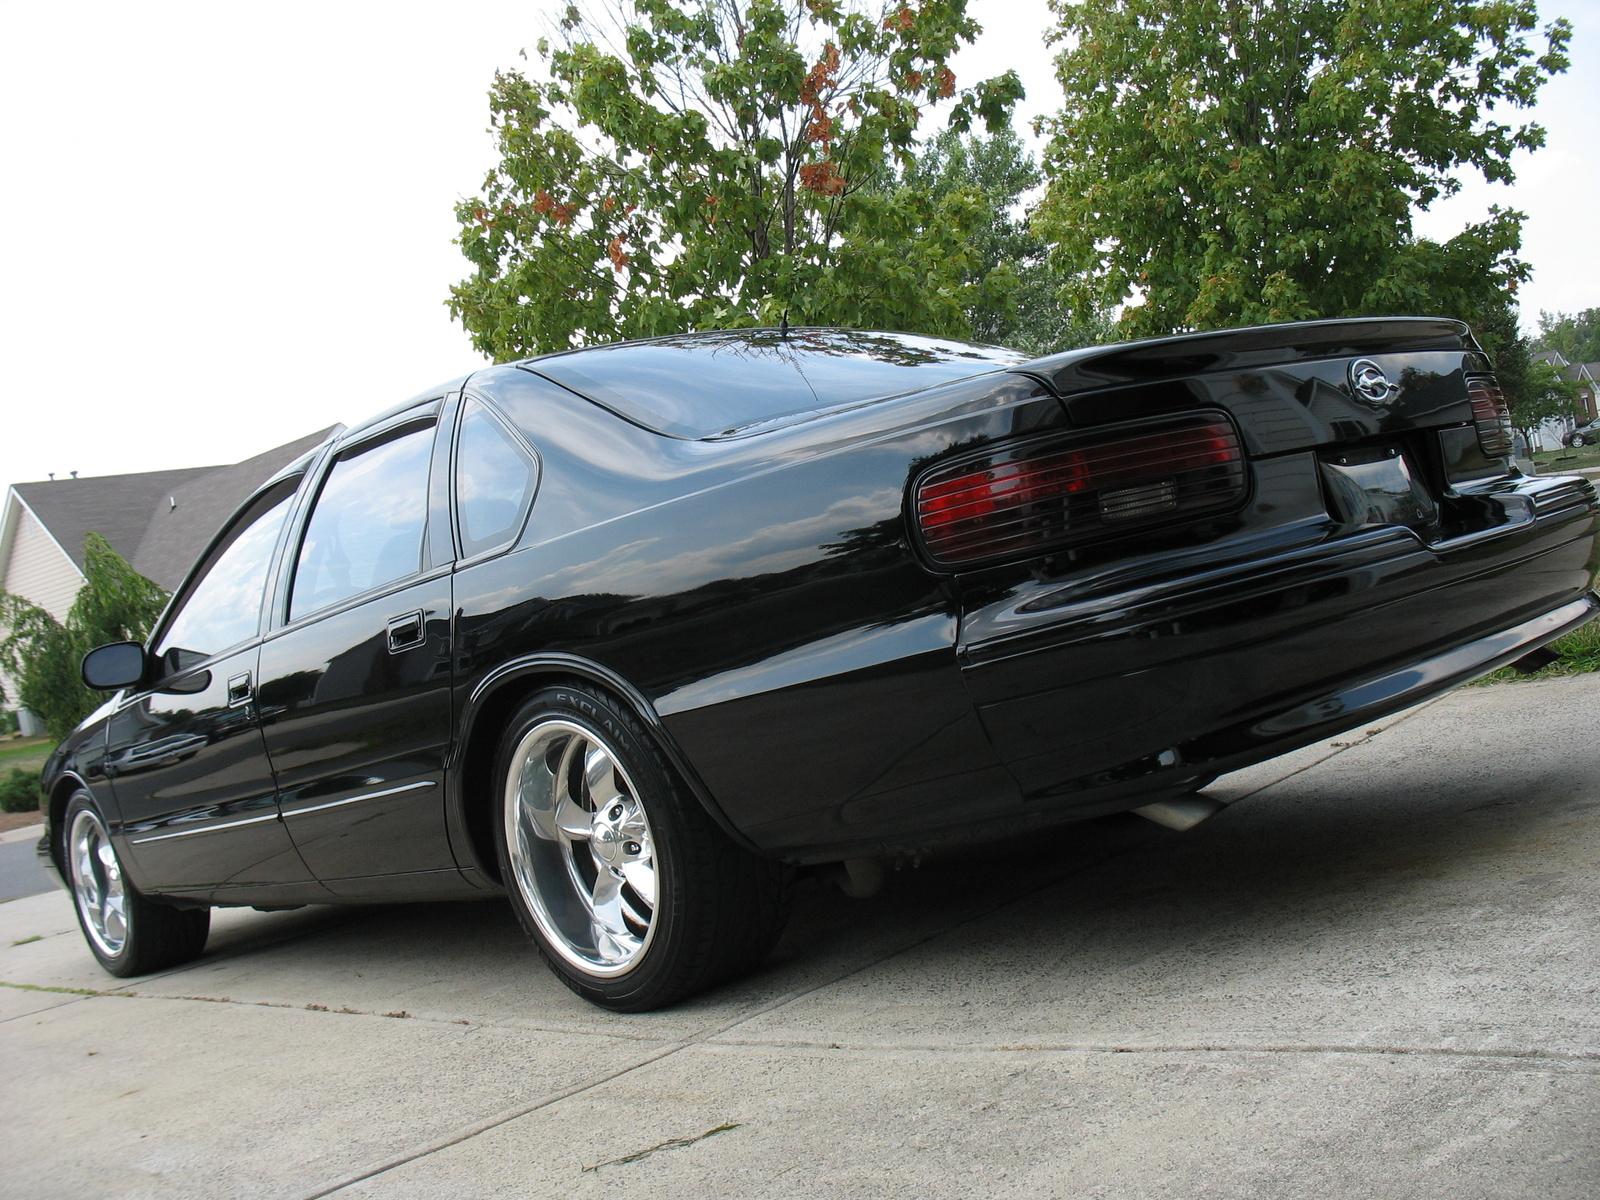 1996 Chevrolet Impala Exterior Pictures Cargurus